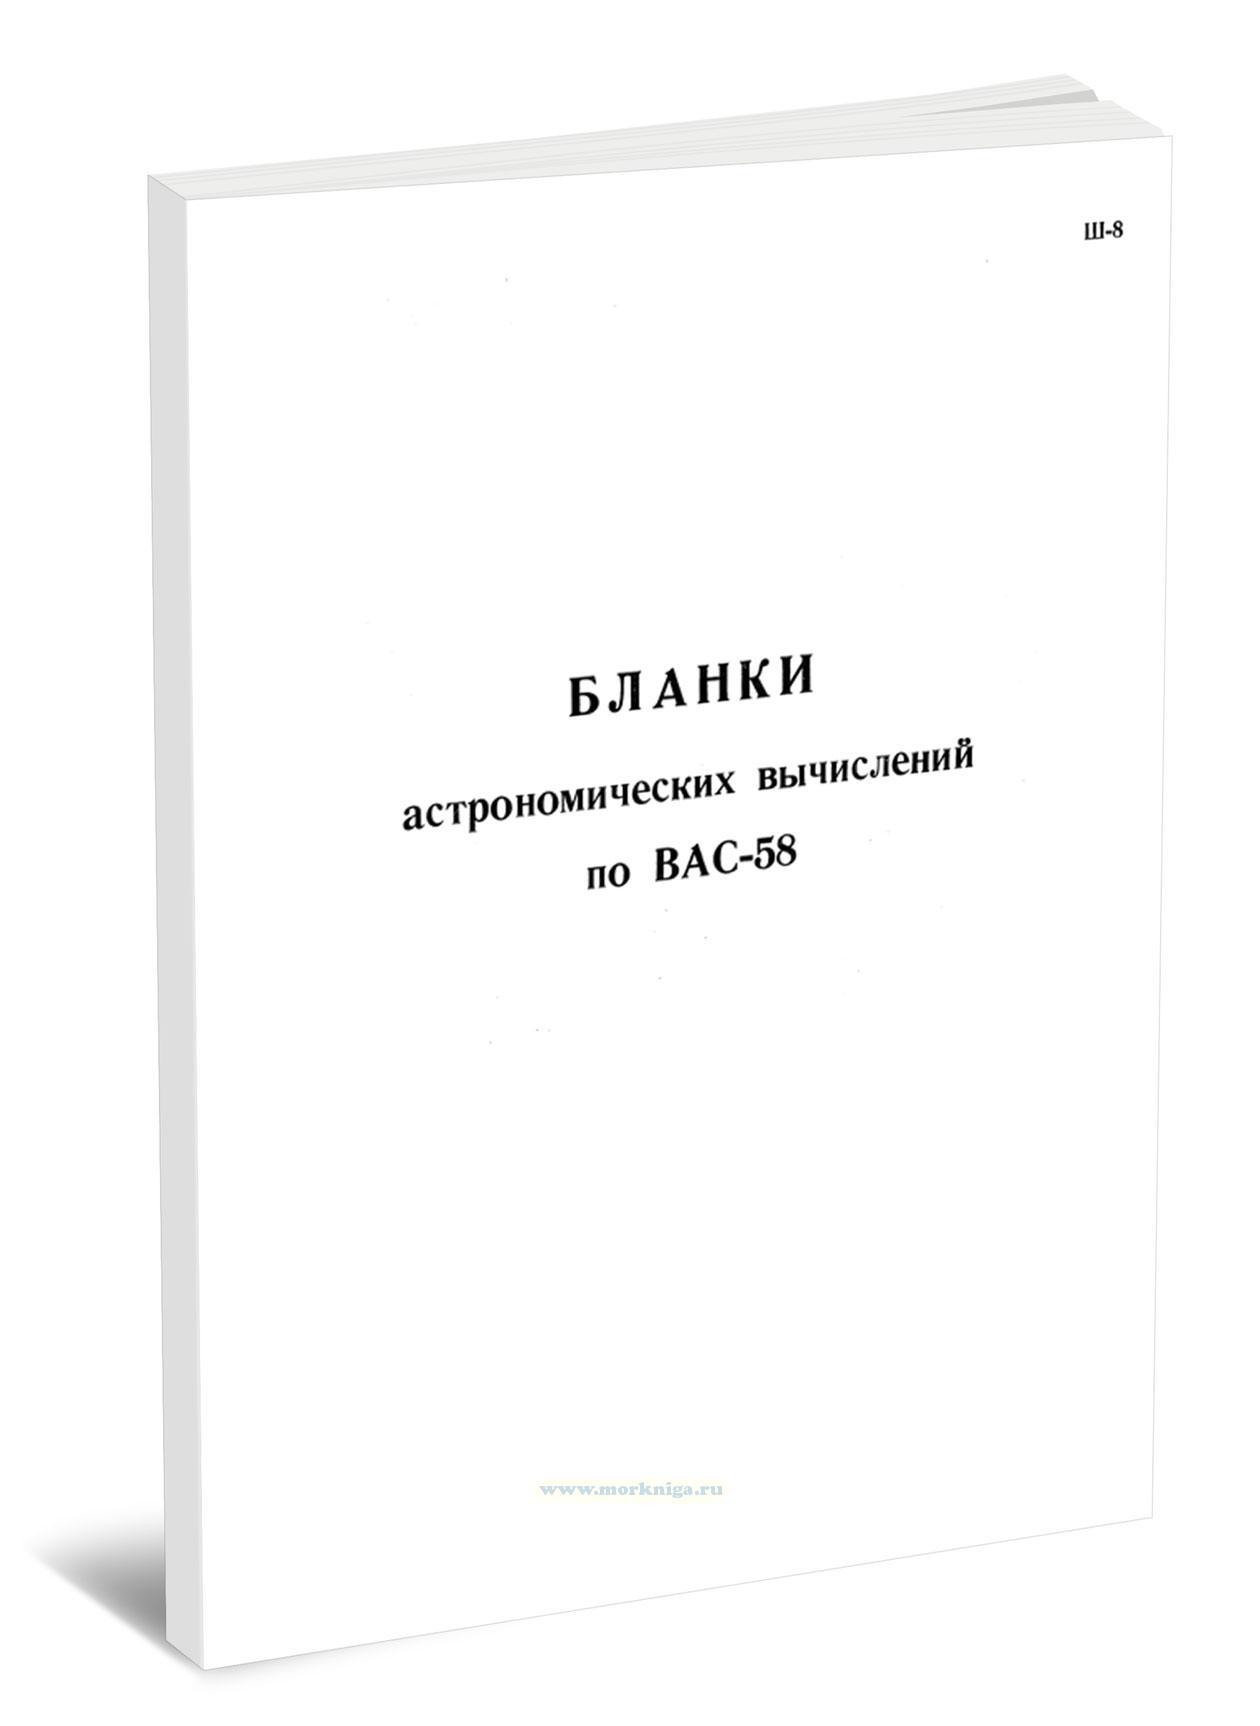 Бланки астрономических вычислений по ВАС-58 (Ш-8)